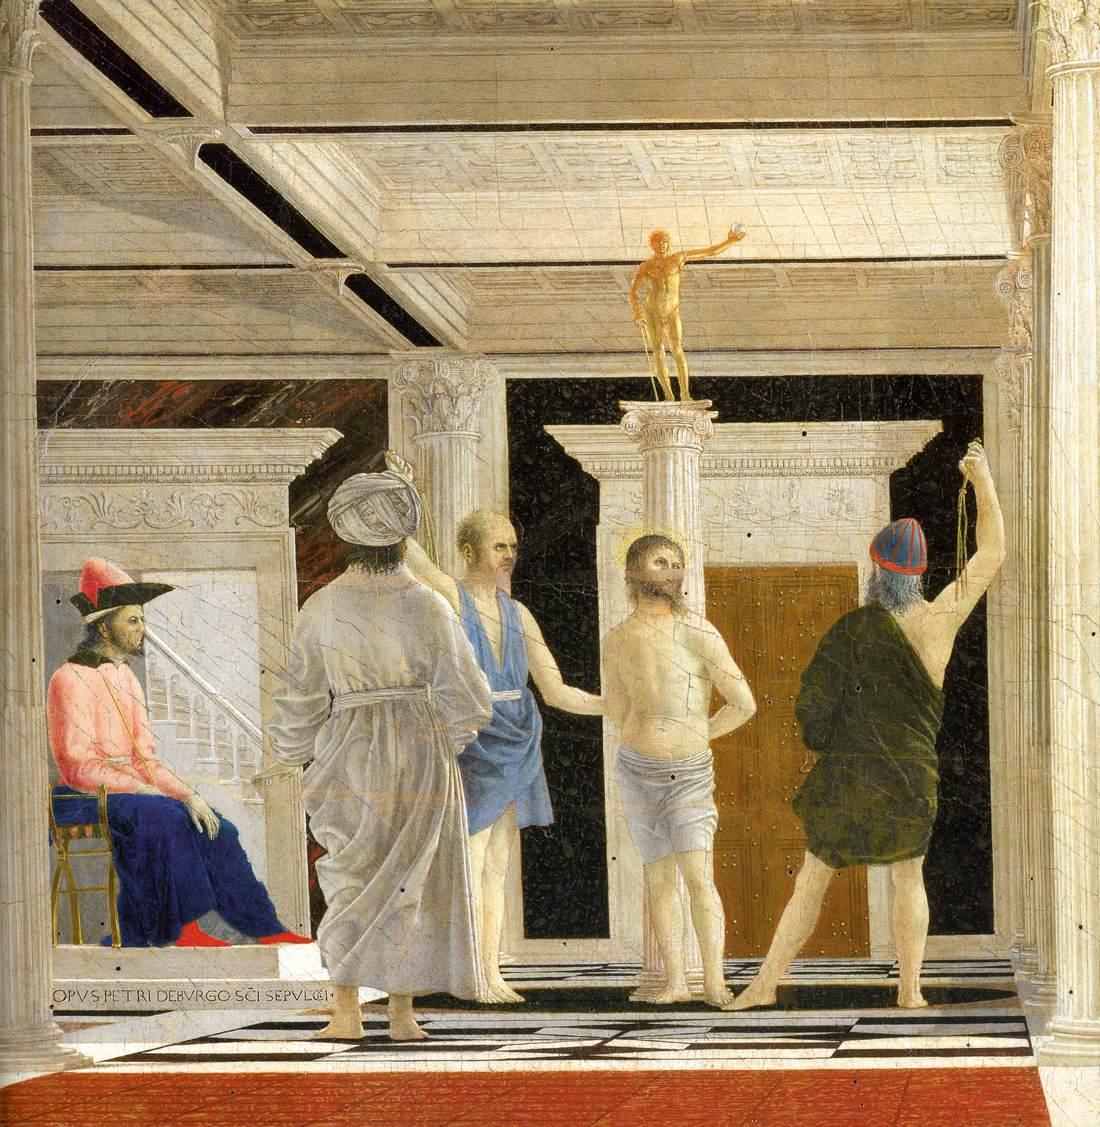 QUADRO Piero della Francesca Flagellazione di Cristo STAMPA TELA CANVAS Pasqua